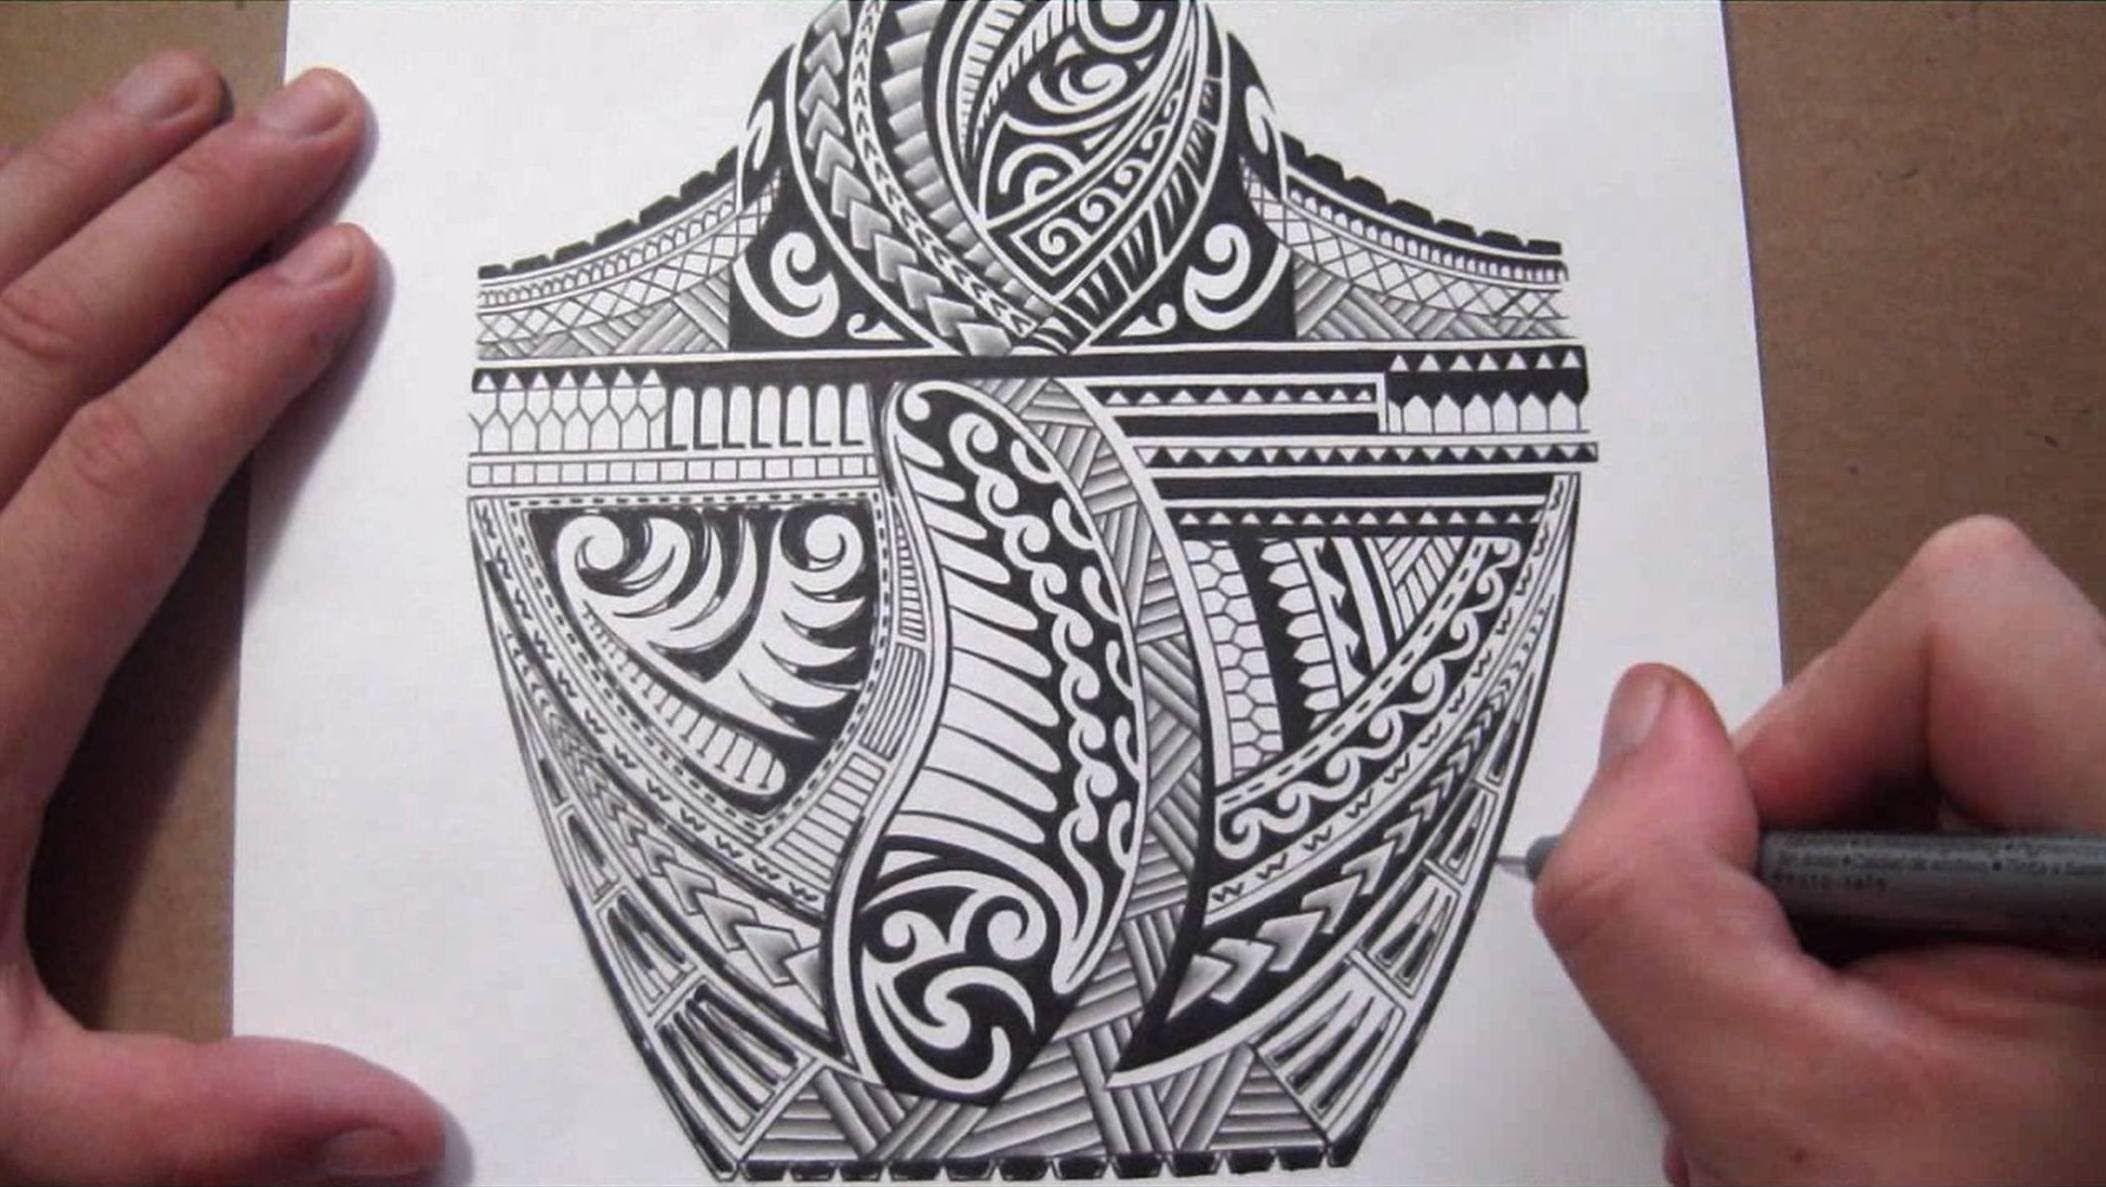 Maori Polynesian Tribal Half Sleeve Tattoo Design - Adding ...  Maori Polynesia...